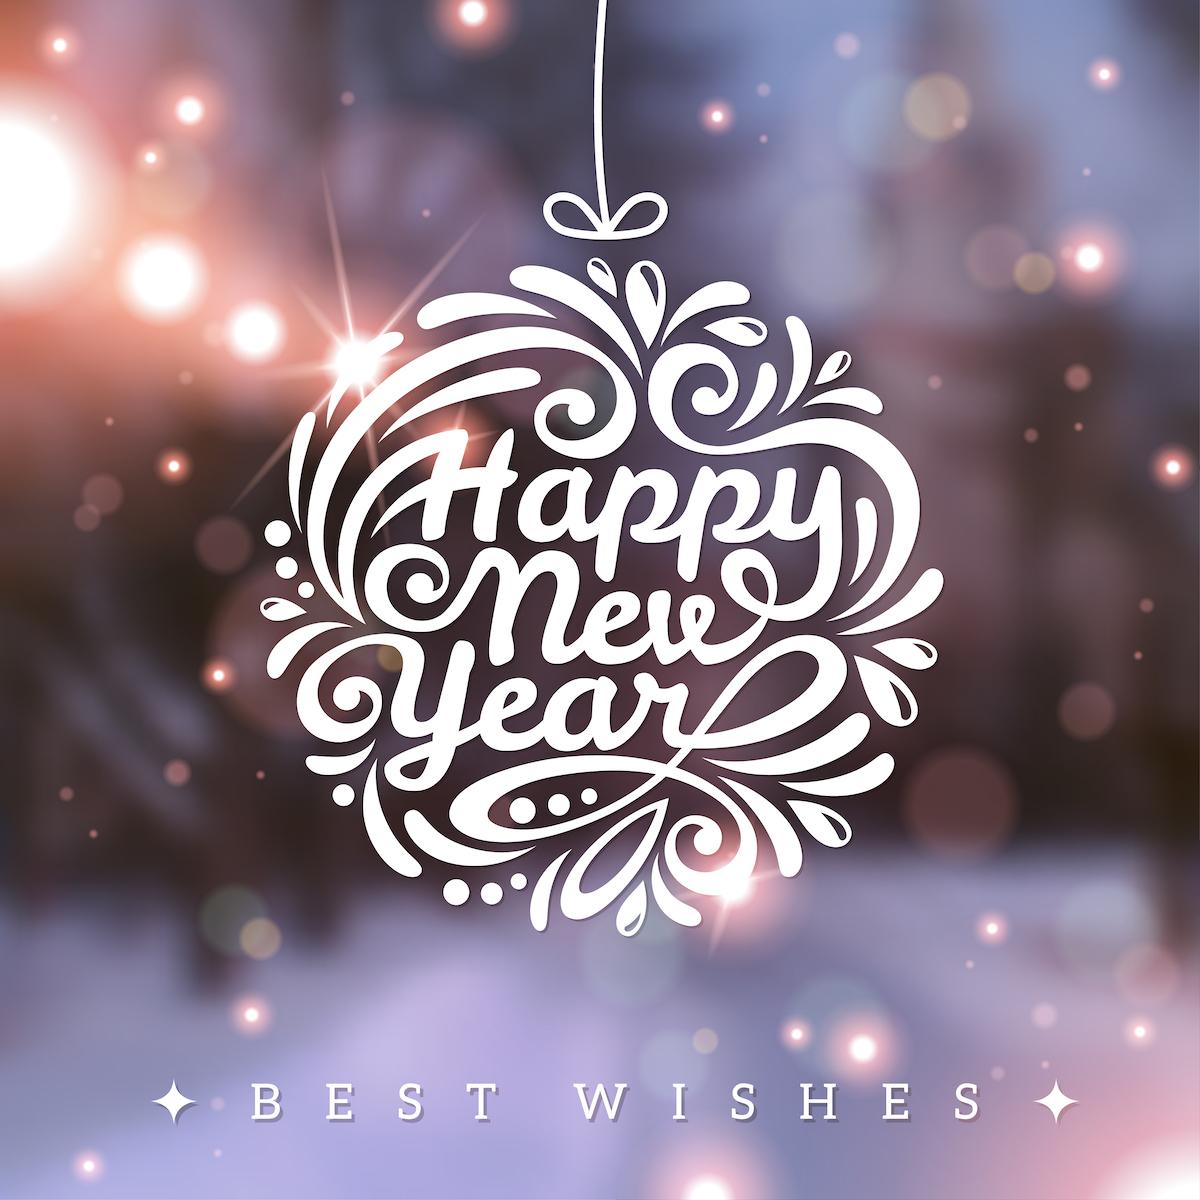 Bonne année et meilleurs voeus ©kotoffei shutterstock